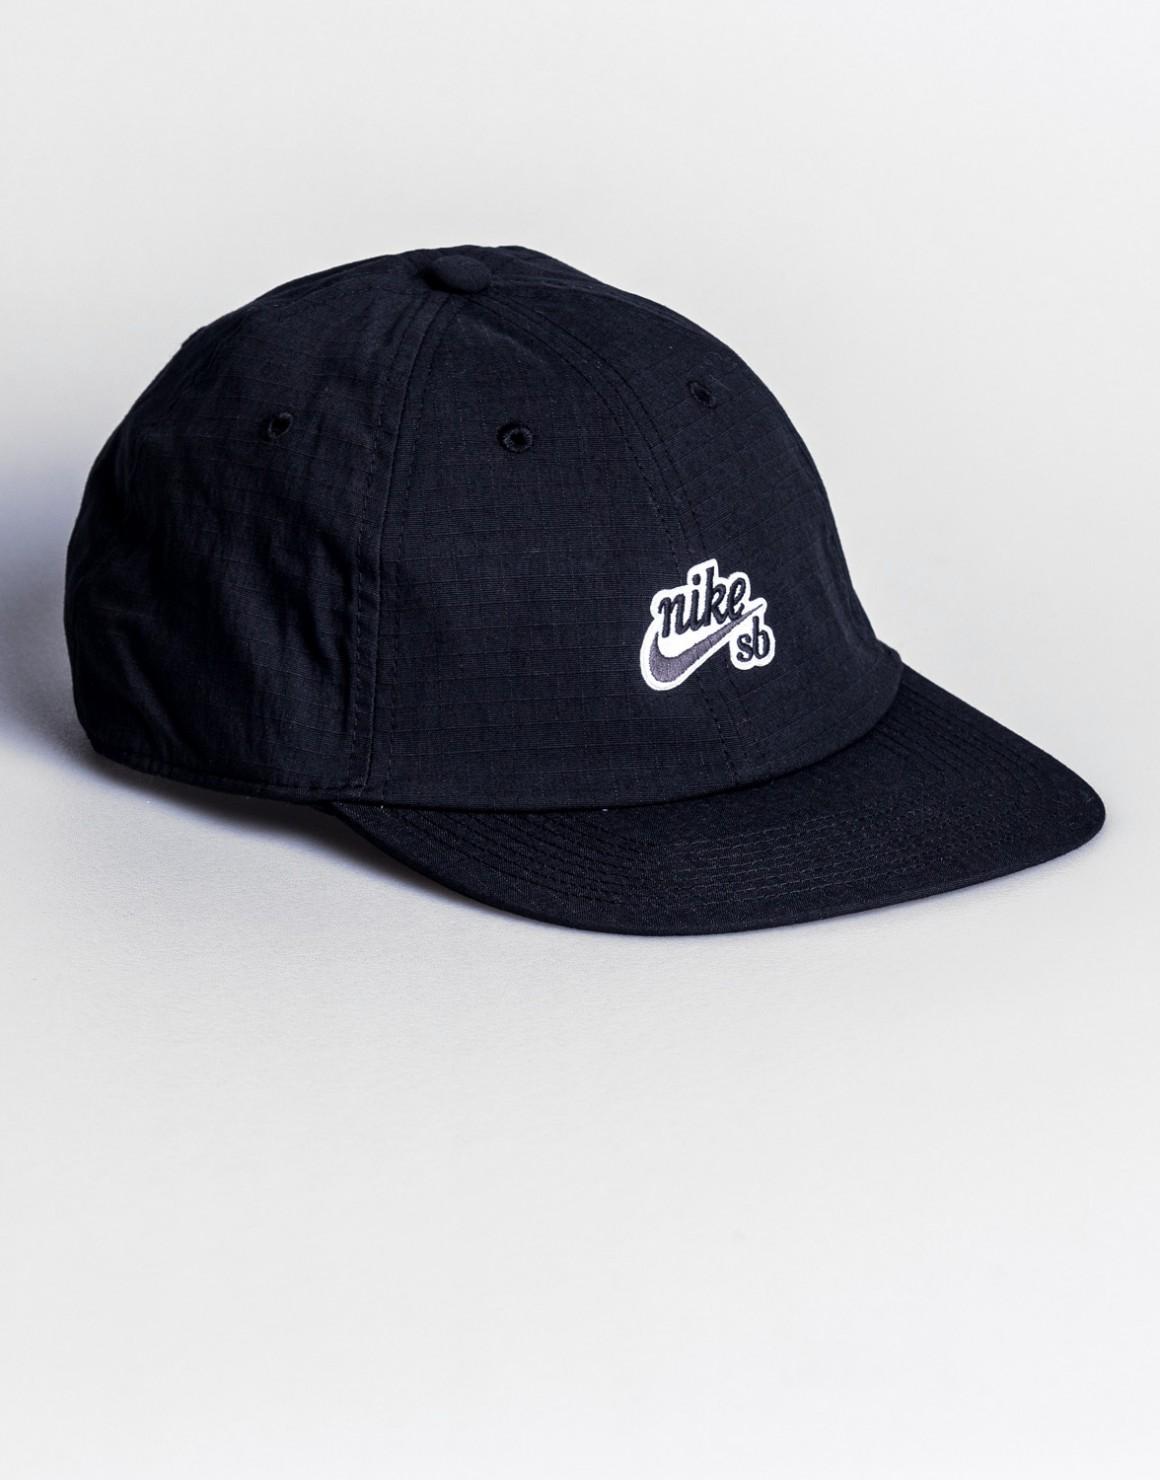 H86 Flatbill Cap